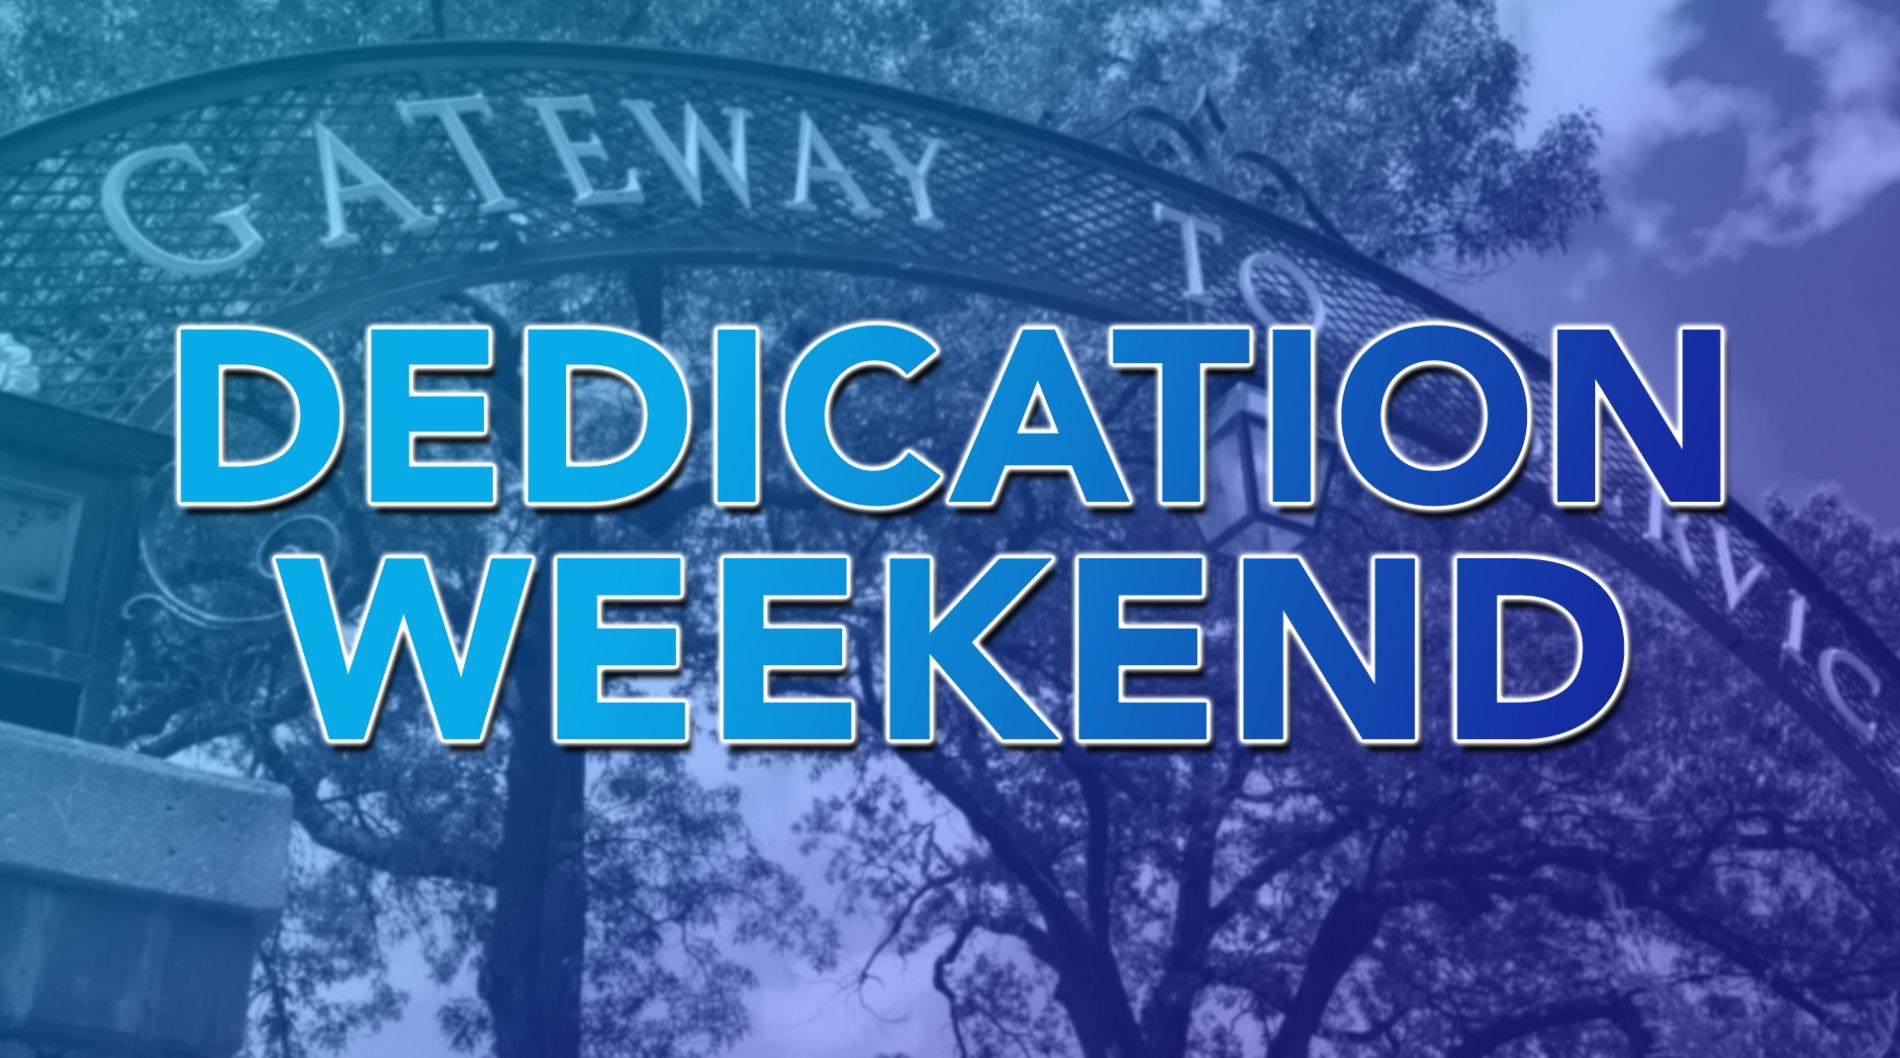 Dedication Weekend